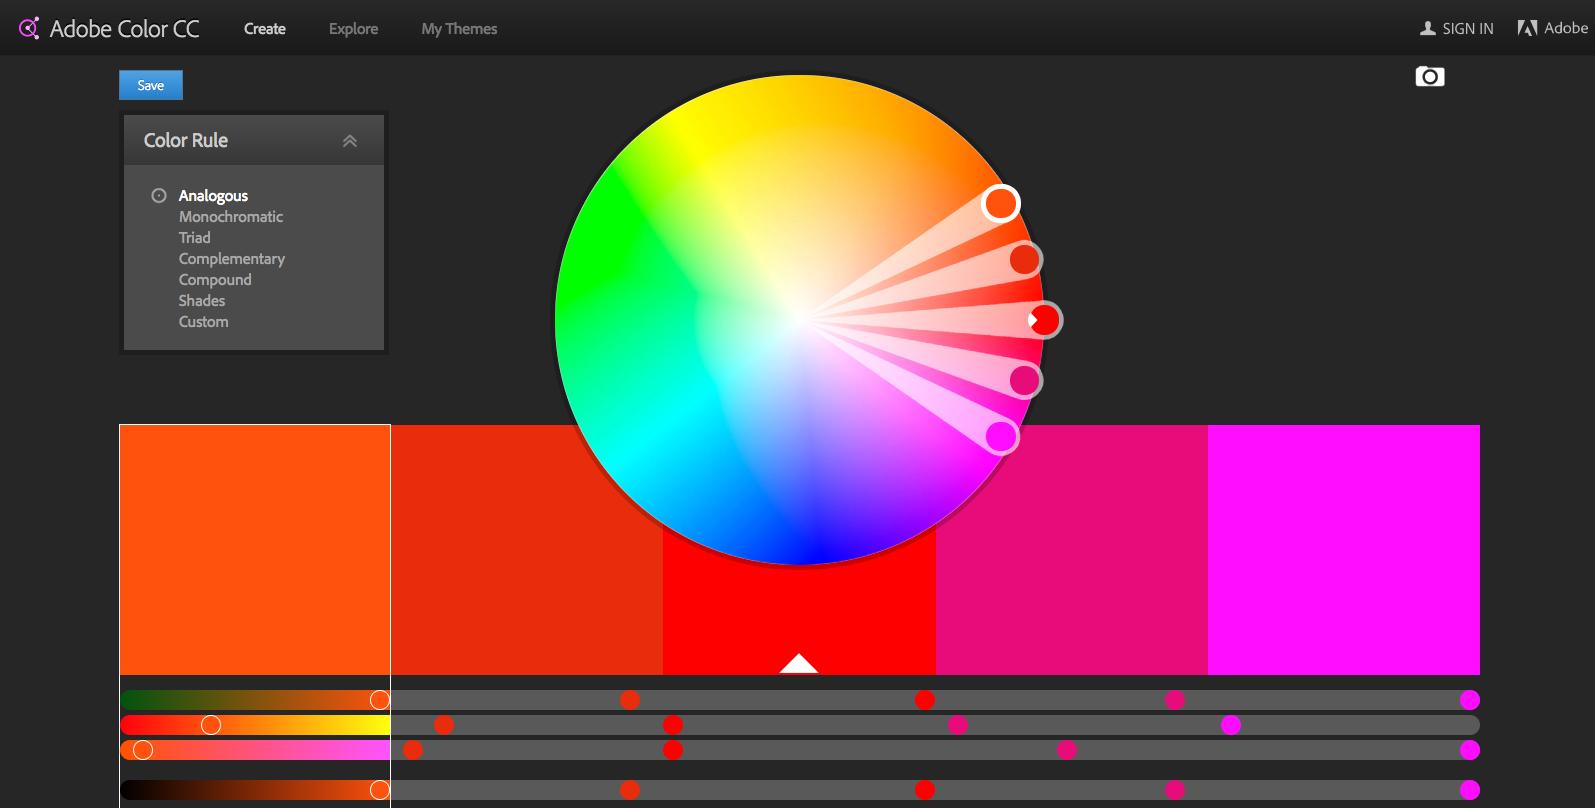 Adobe Color CC Color Wheel